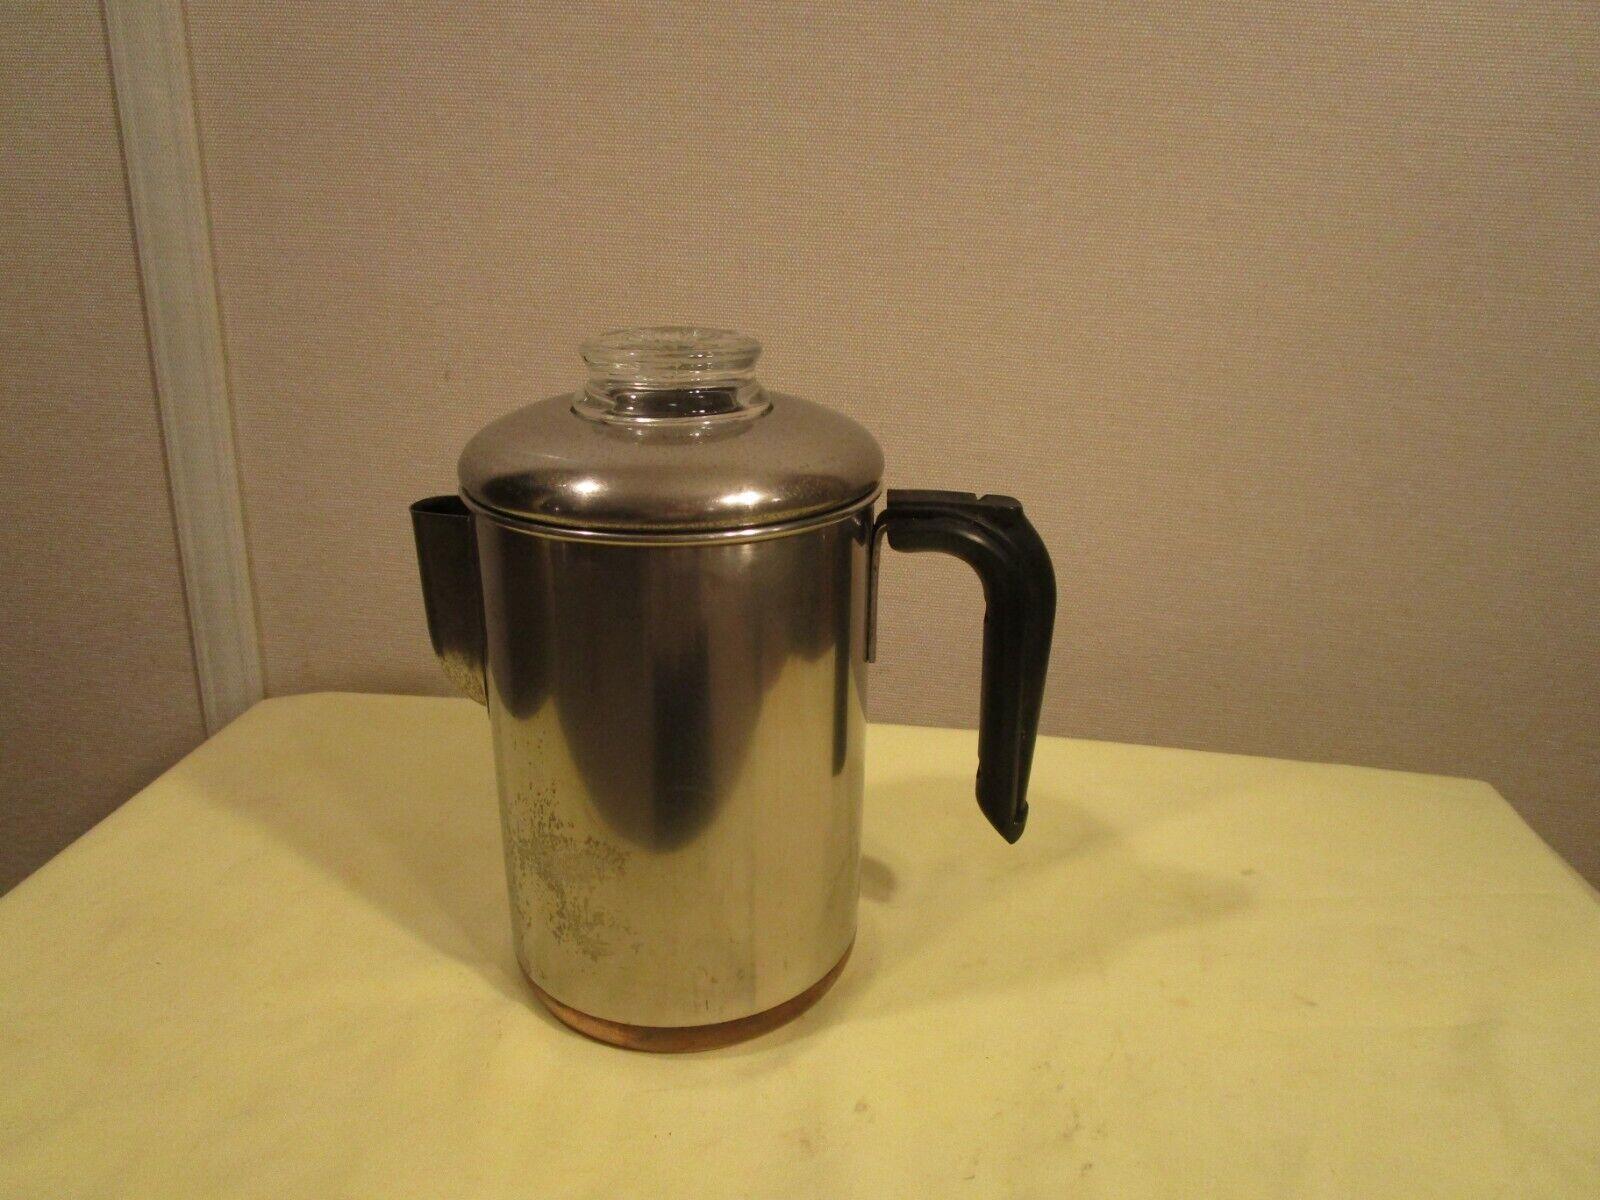 Vtg REVERE WARE 1801 Percolator Copper Clad Bottom 8 Cup sto